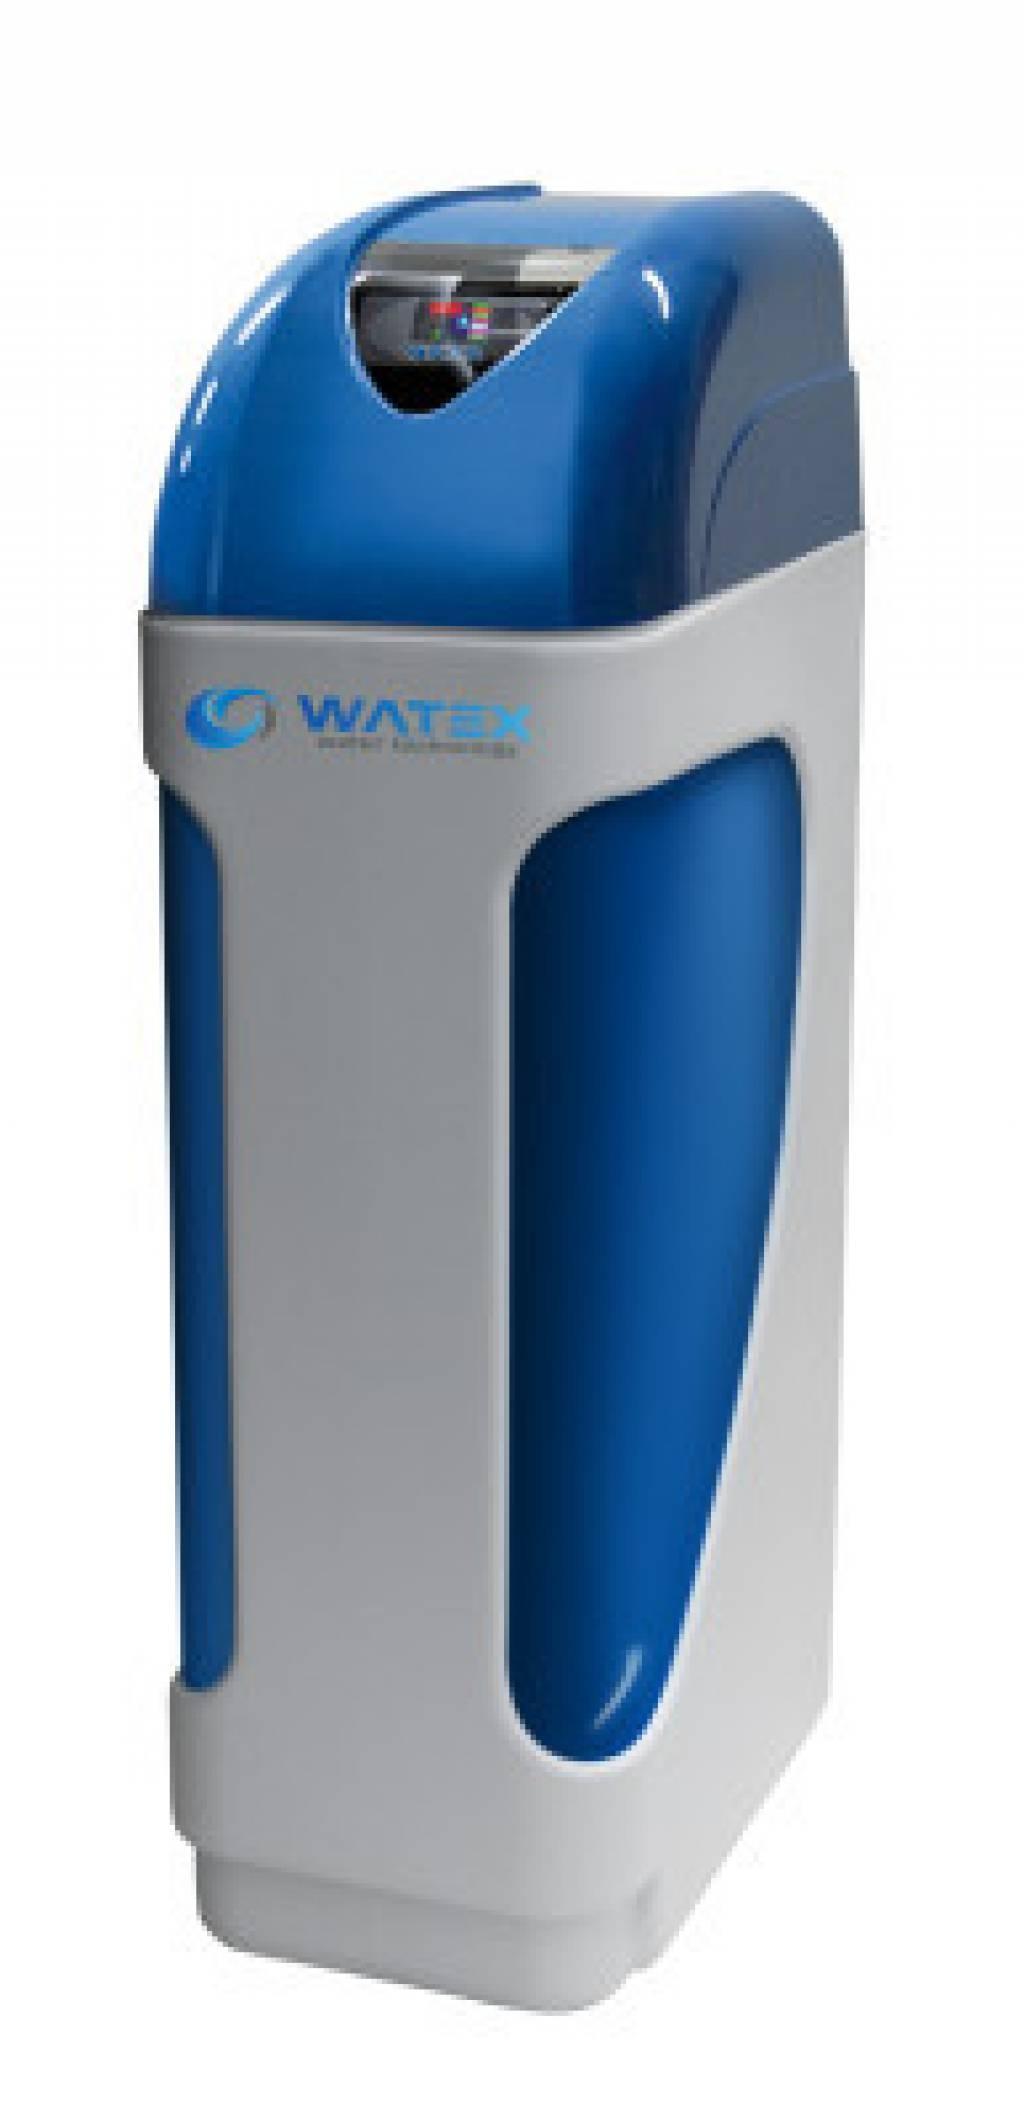 Automatický změkčovač vody WATEX AL30 Ecosoft